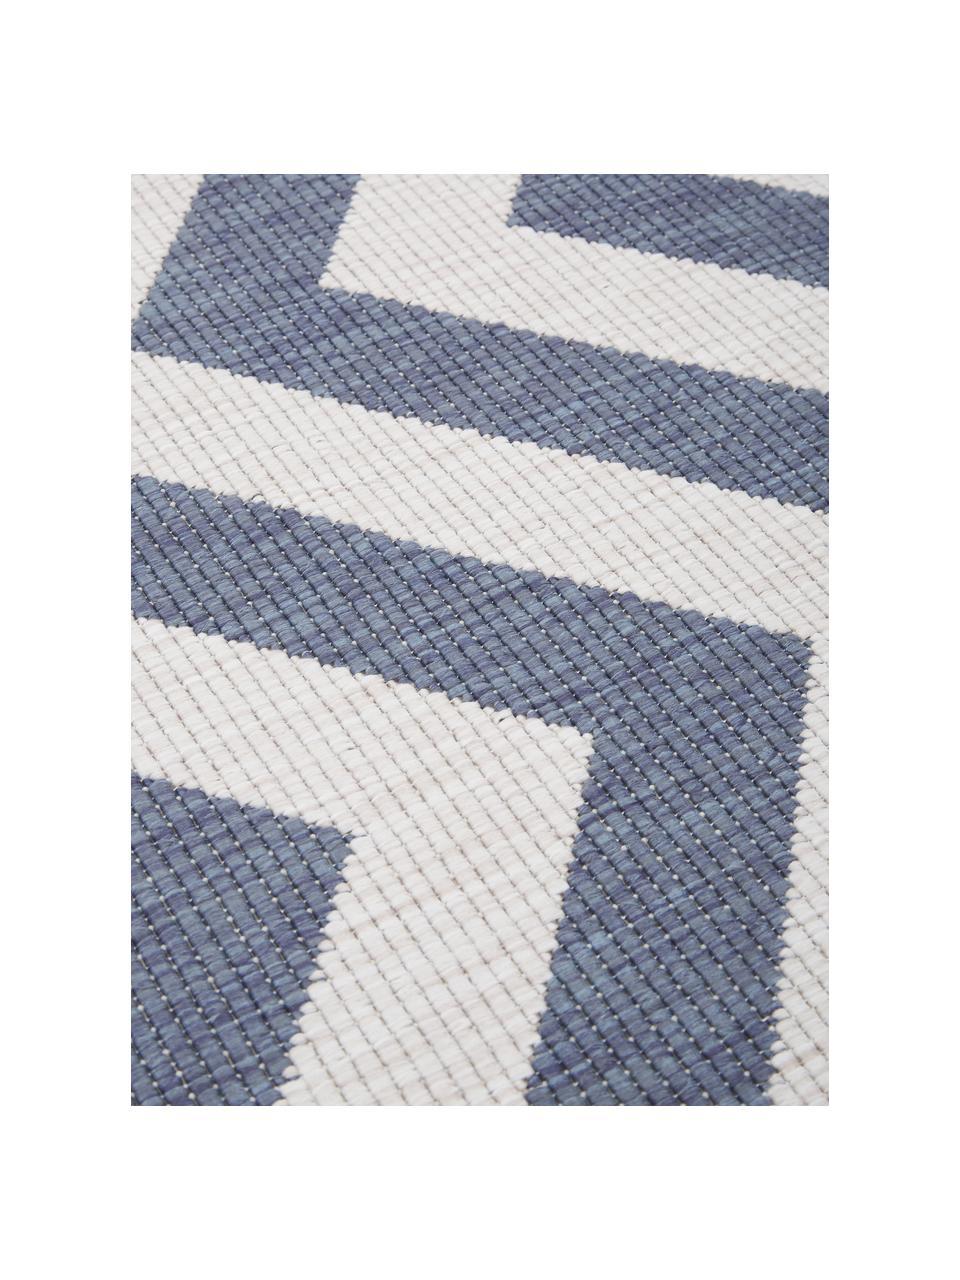 Dubbelzijdig in- & outdoor vloerkleed Palma, met zigzag patroon, Blauw, crèmekleurig, B 200 x L 290 cm (maat L)